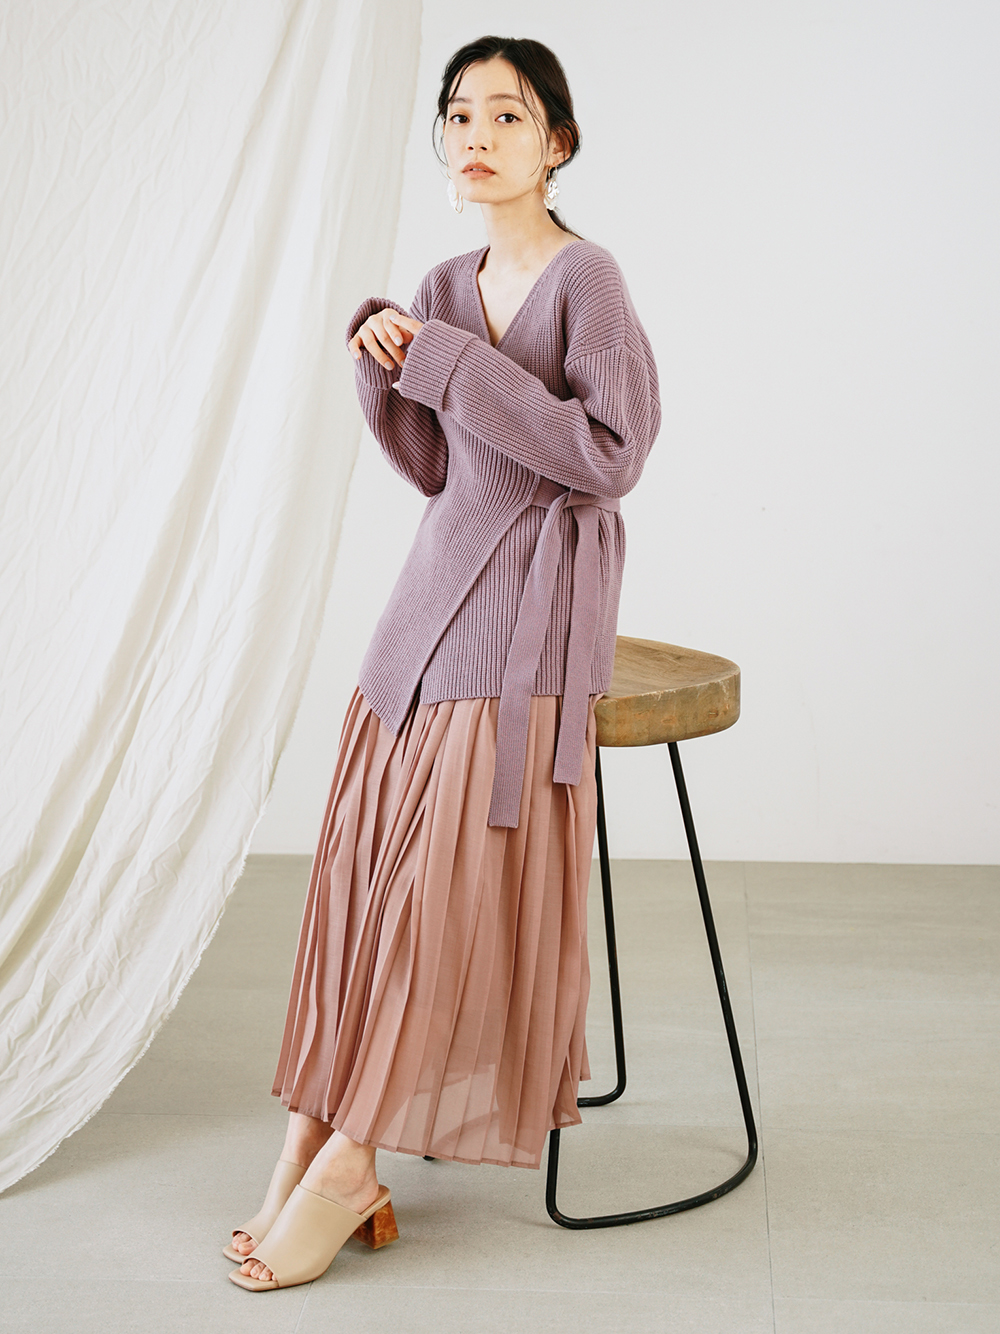 針織上衣長裙組合